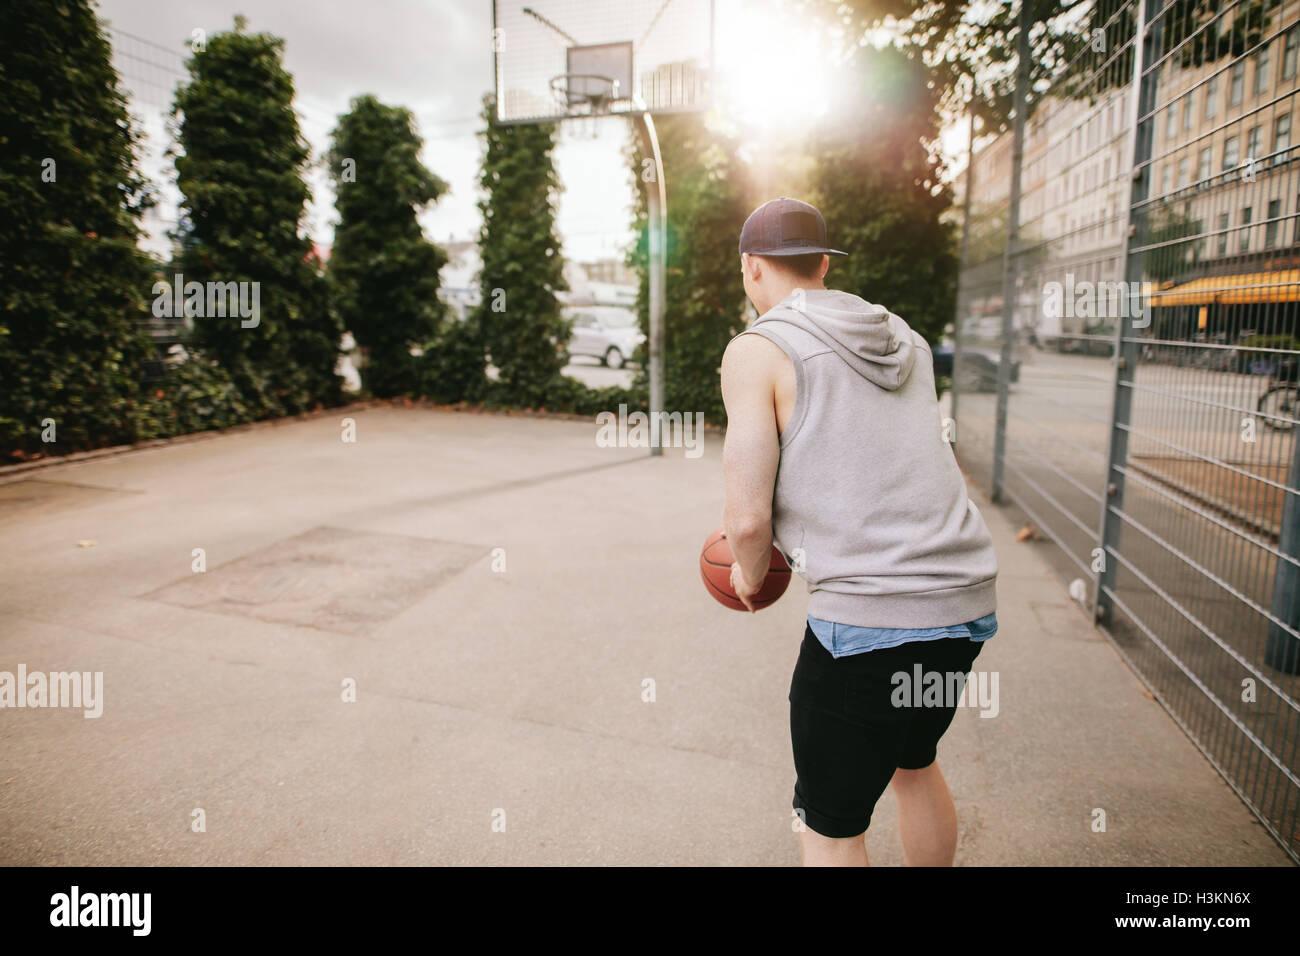 Vista trasera de la foto de un jugador de streetball jugando básquetbol. Joven jugando baloncesto en el tribunal Imagen De Stock